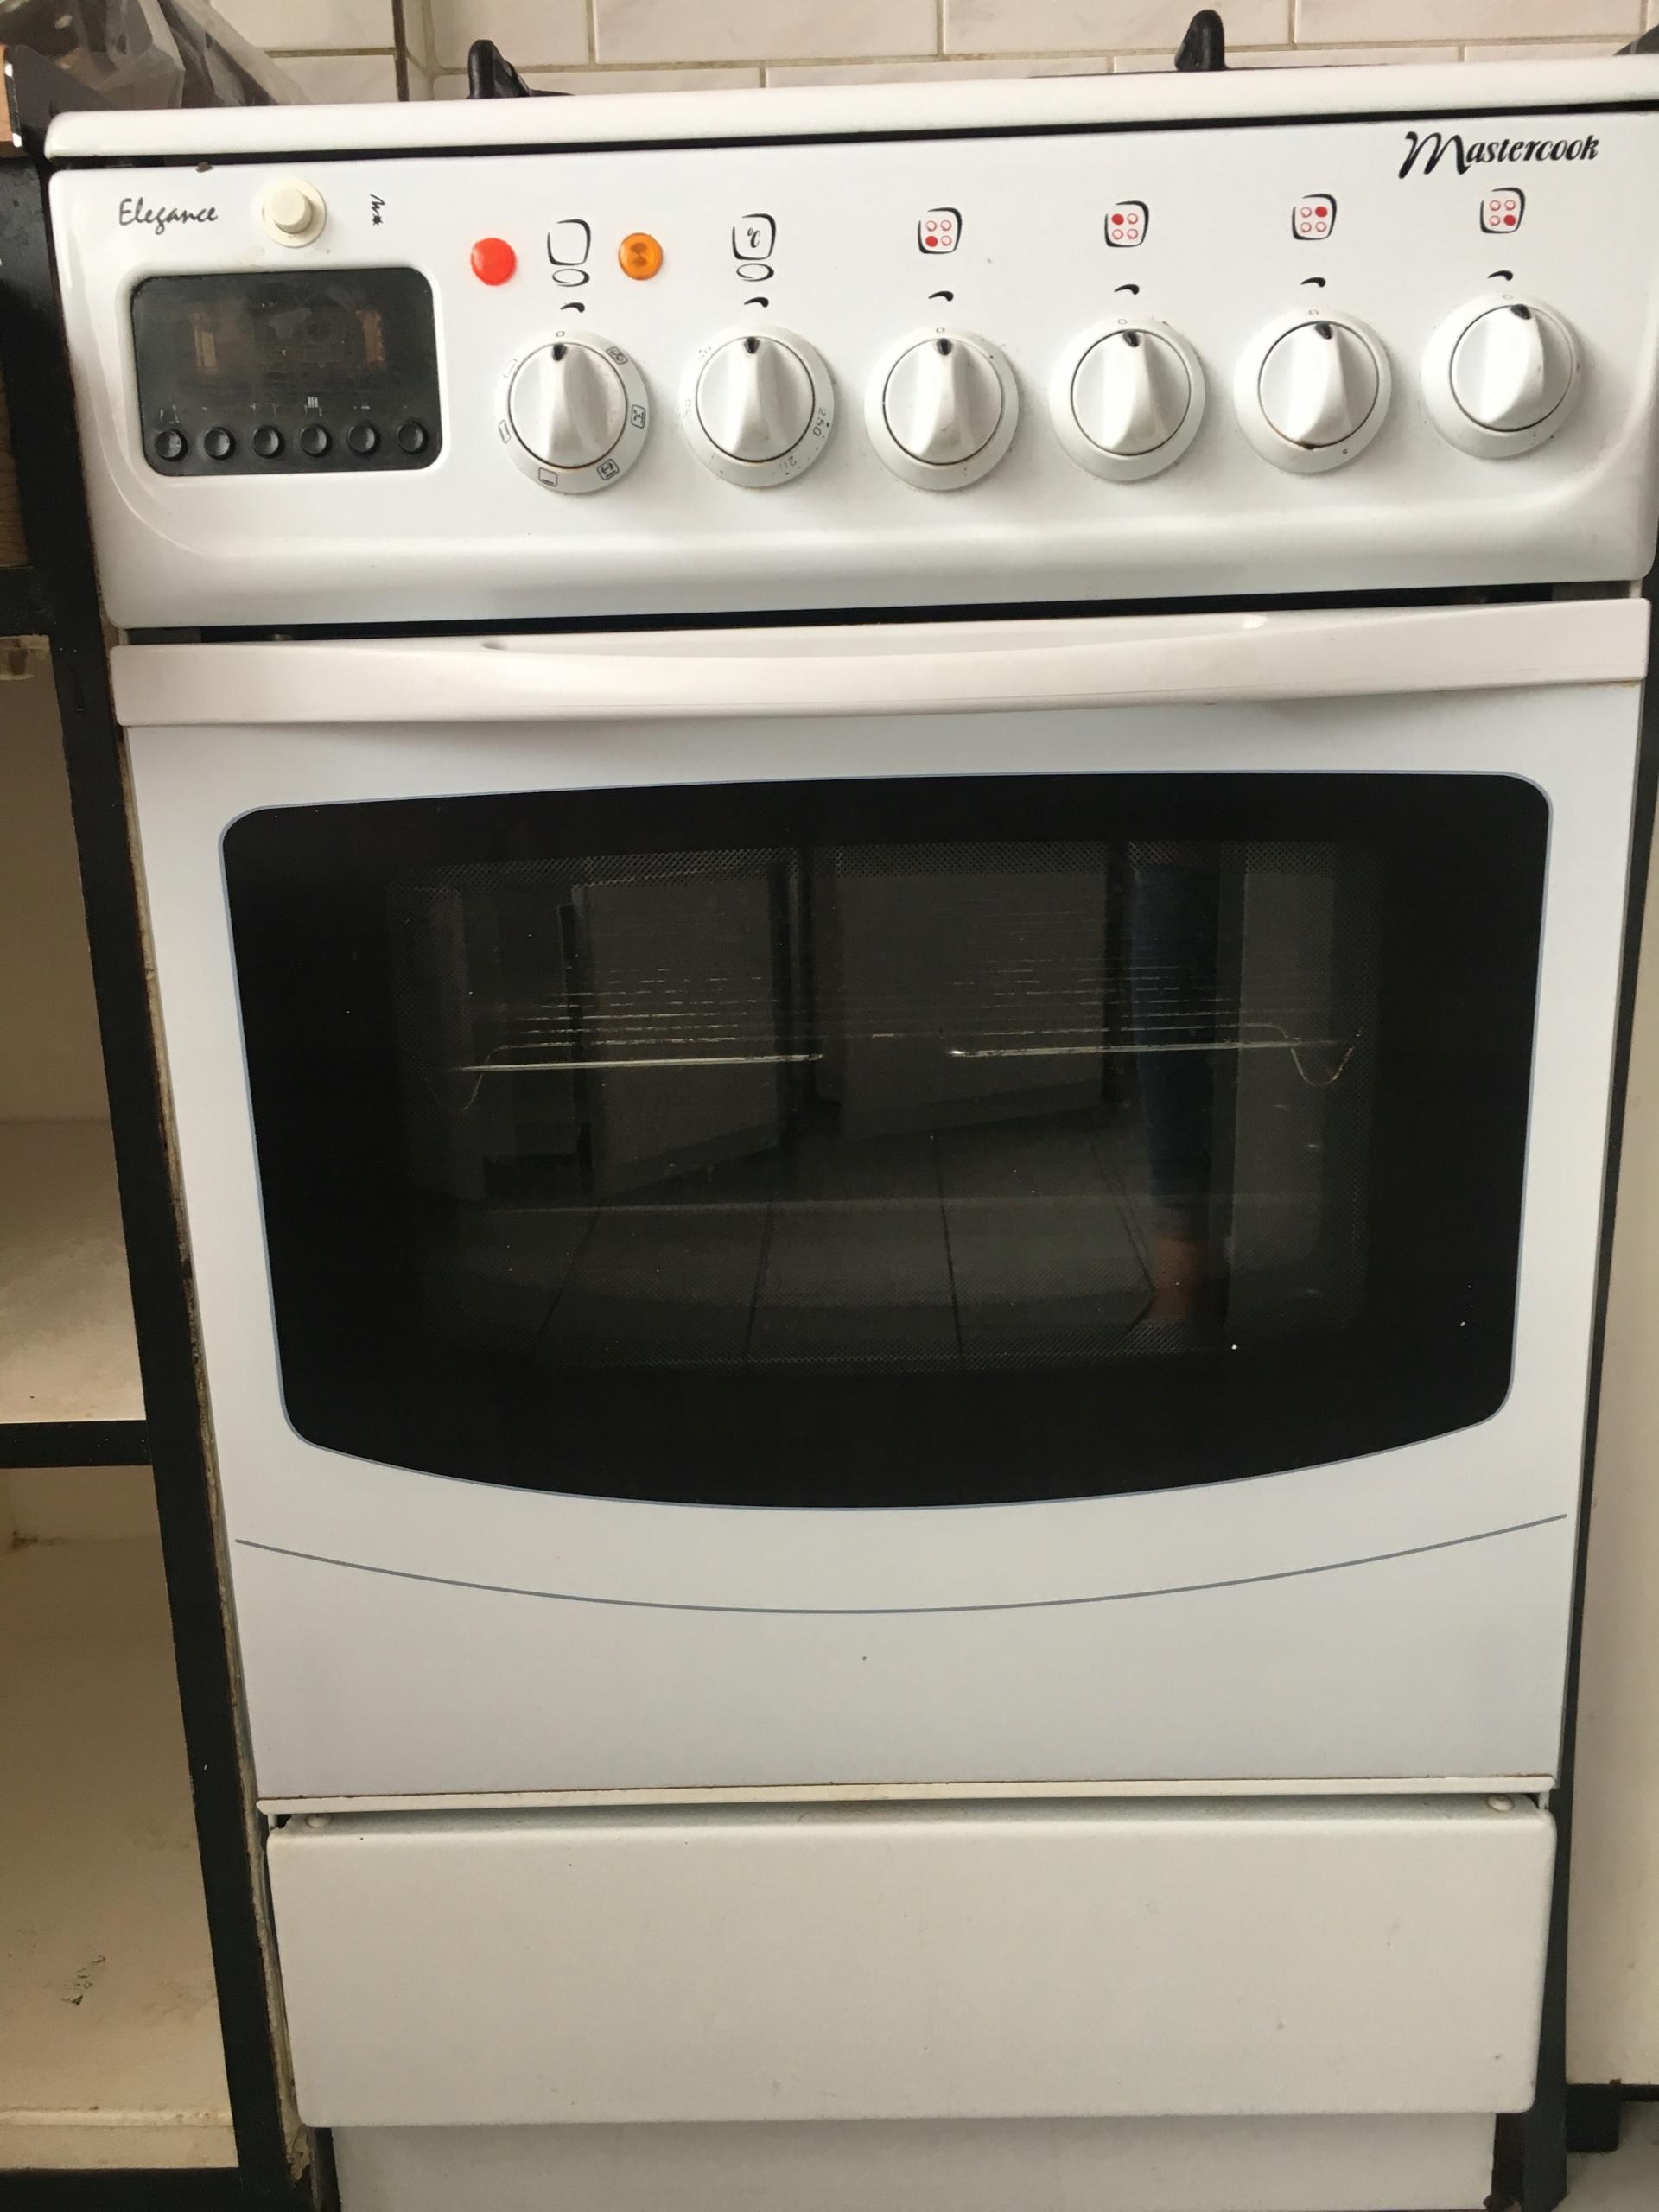 Kuchnia Gazowo Elektryczna Mastercook Typ 347